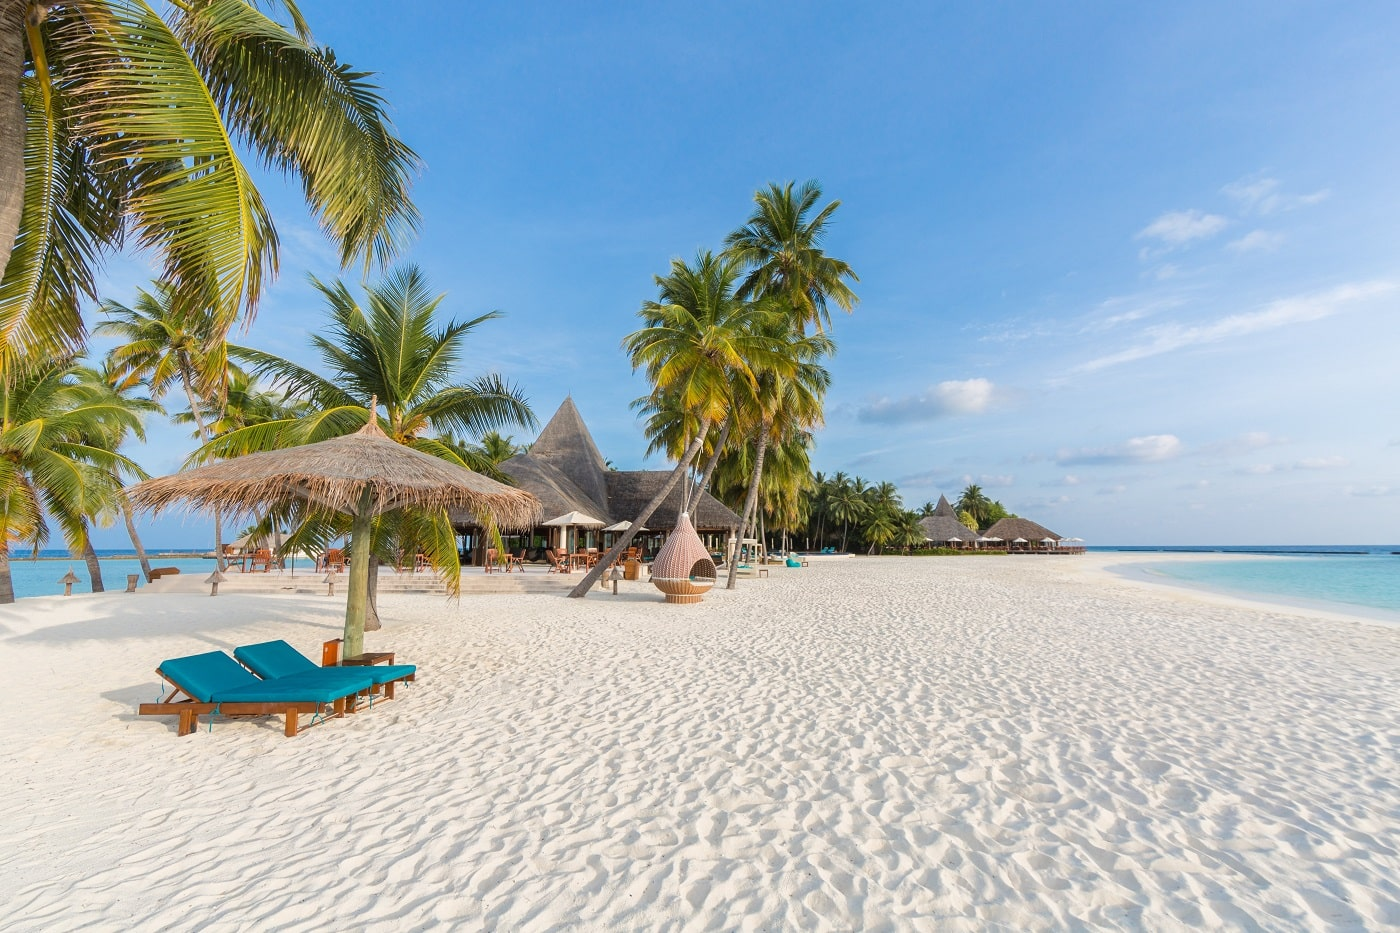 Лучшие пляжи Мальдив: 21 место с потрясающим побережьем